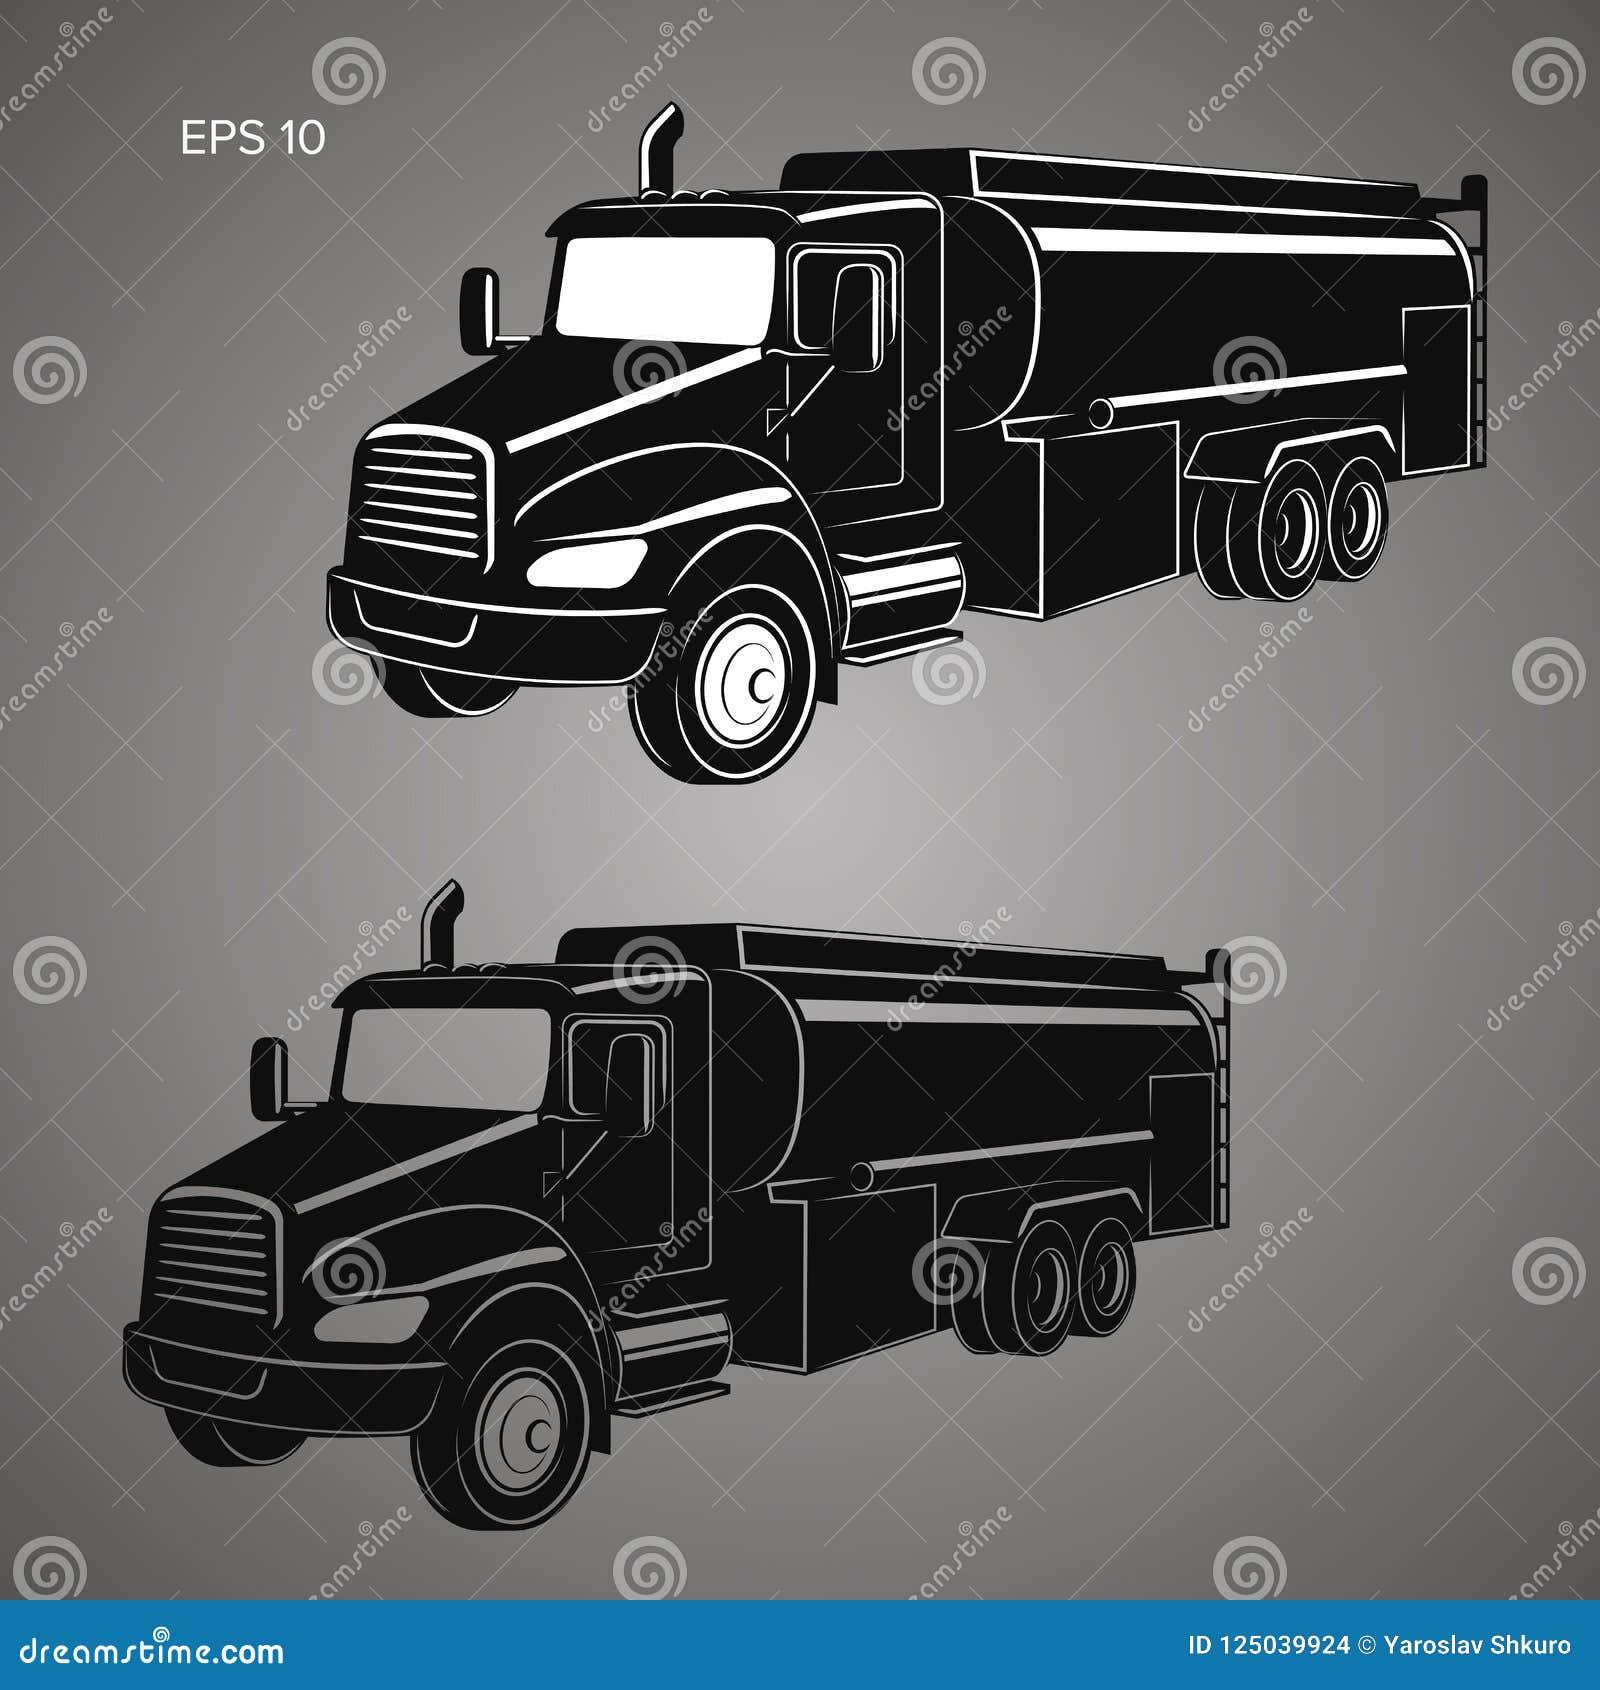 Tank truck vector illustration. Modern tanker isolated vector